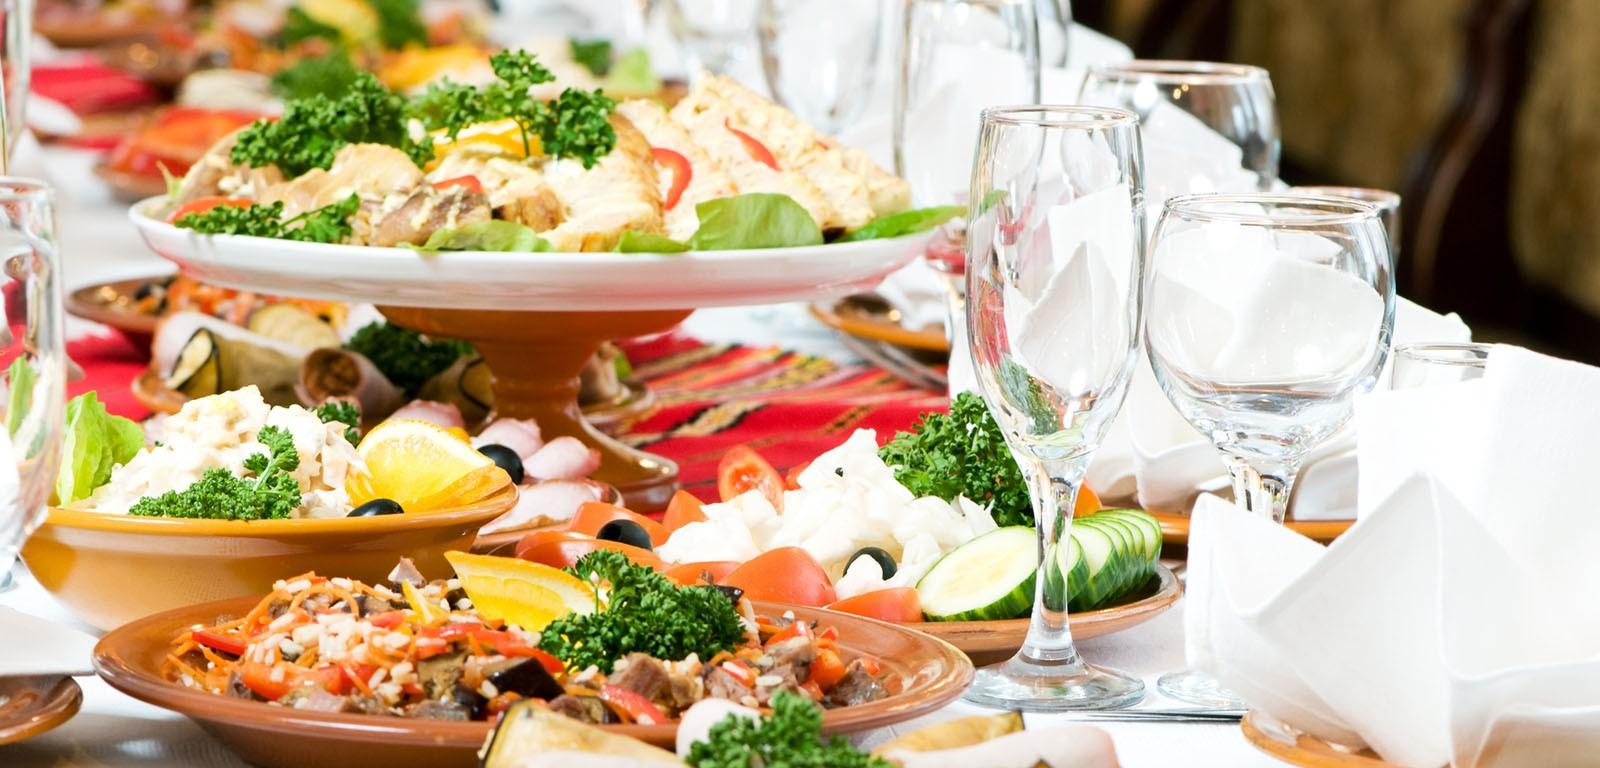 buffet-pho-nui-restaurant